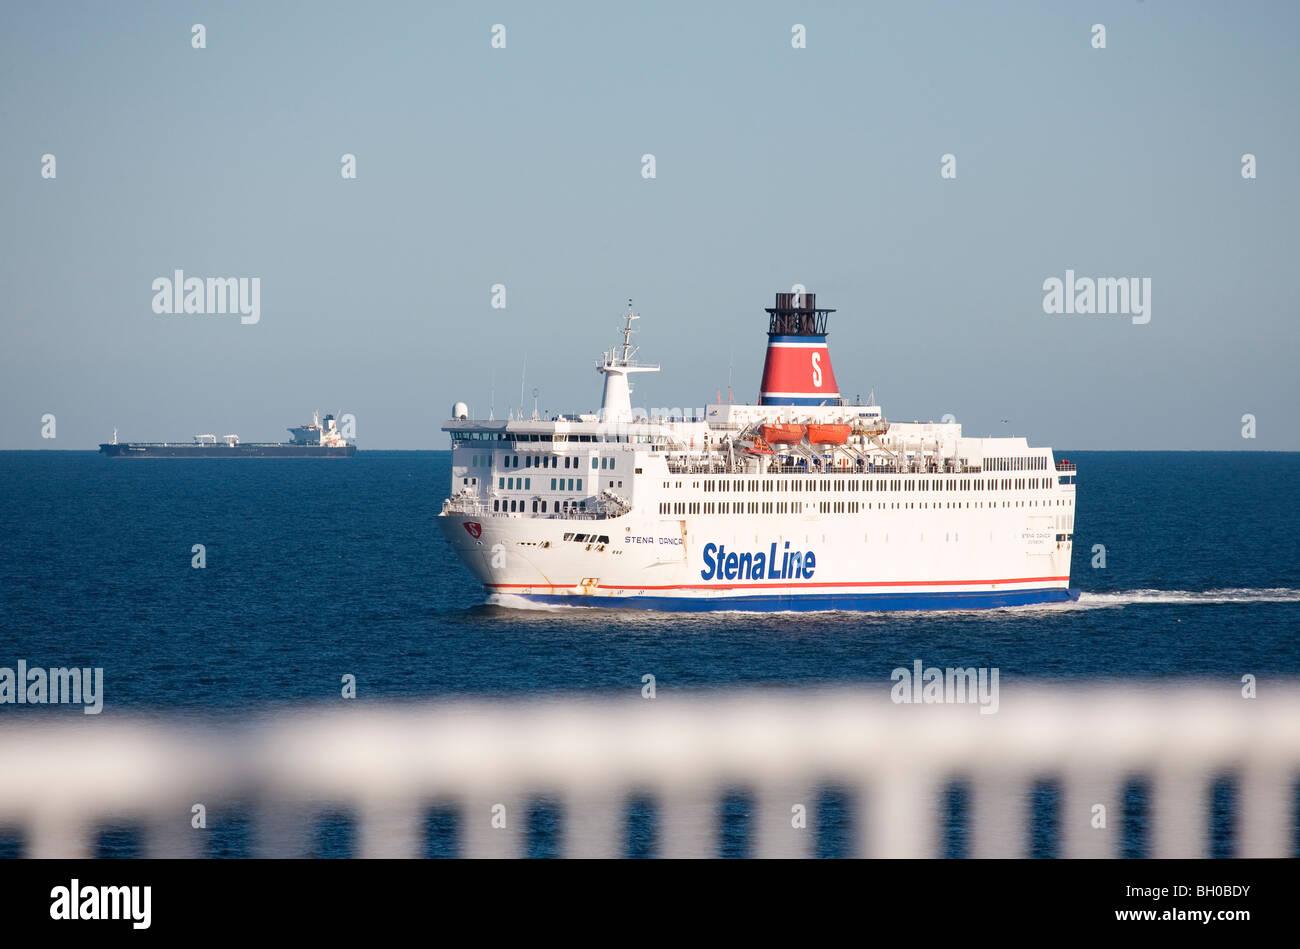 The MV Stena Danica on Kattegat between Gothenburg and Frederikshavn. - Stock Image